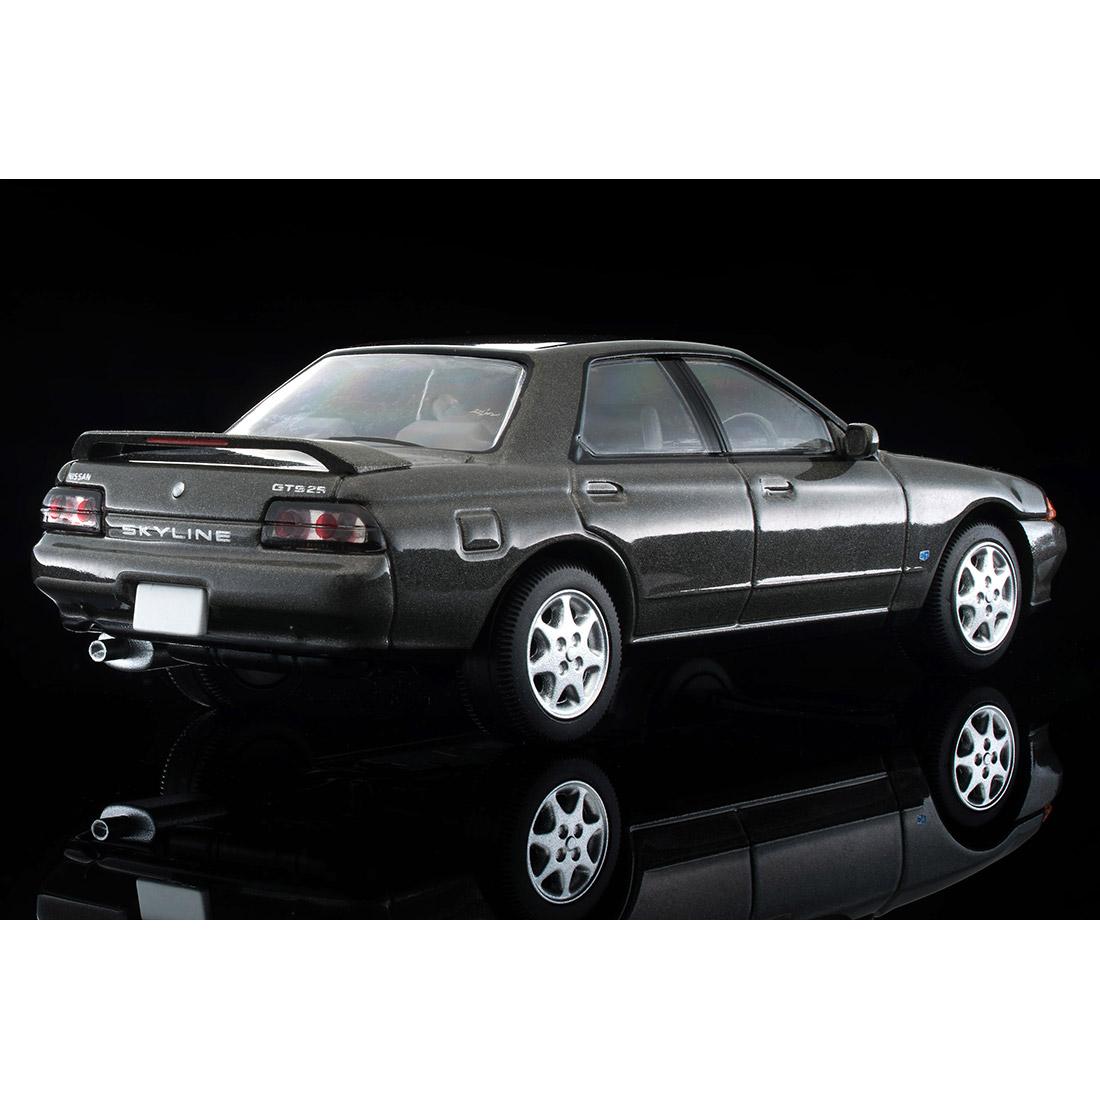 トミカリミテッドヴィンテージ ネオ『LV-N194a 日産スカイライン GTS25 タイプX・G (グレー)』ミニカー-009